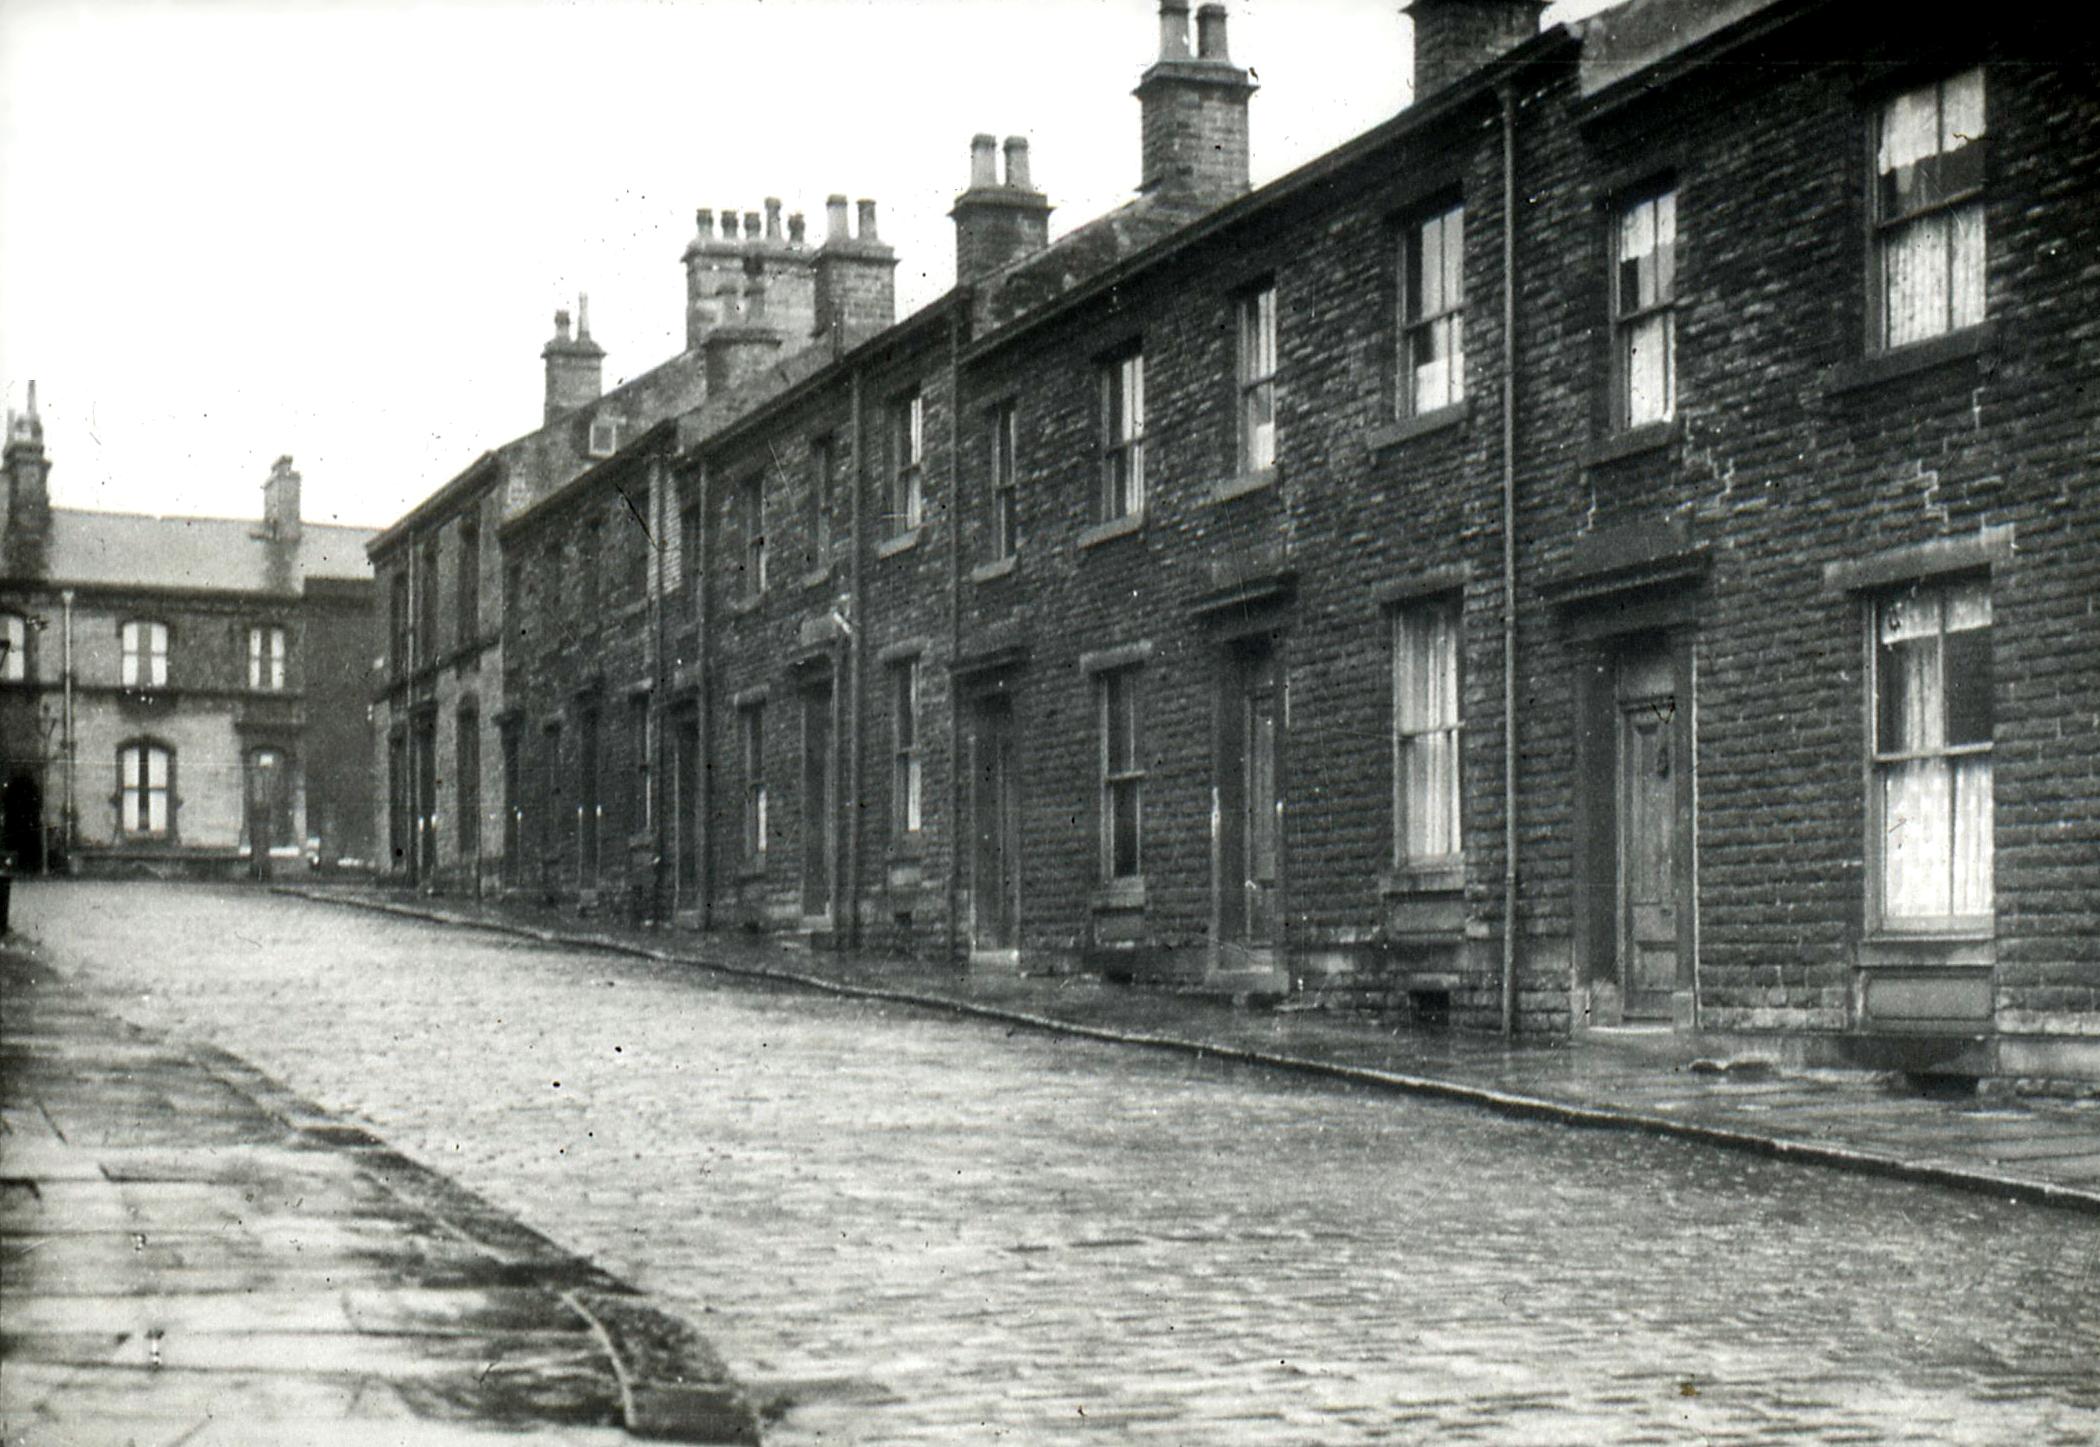 bury_lancashire_england_1958